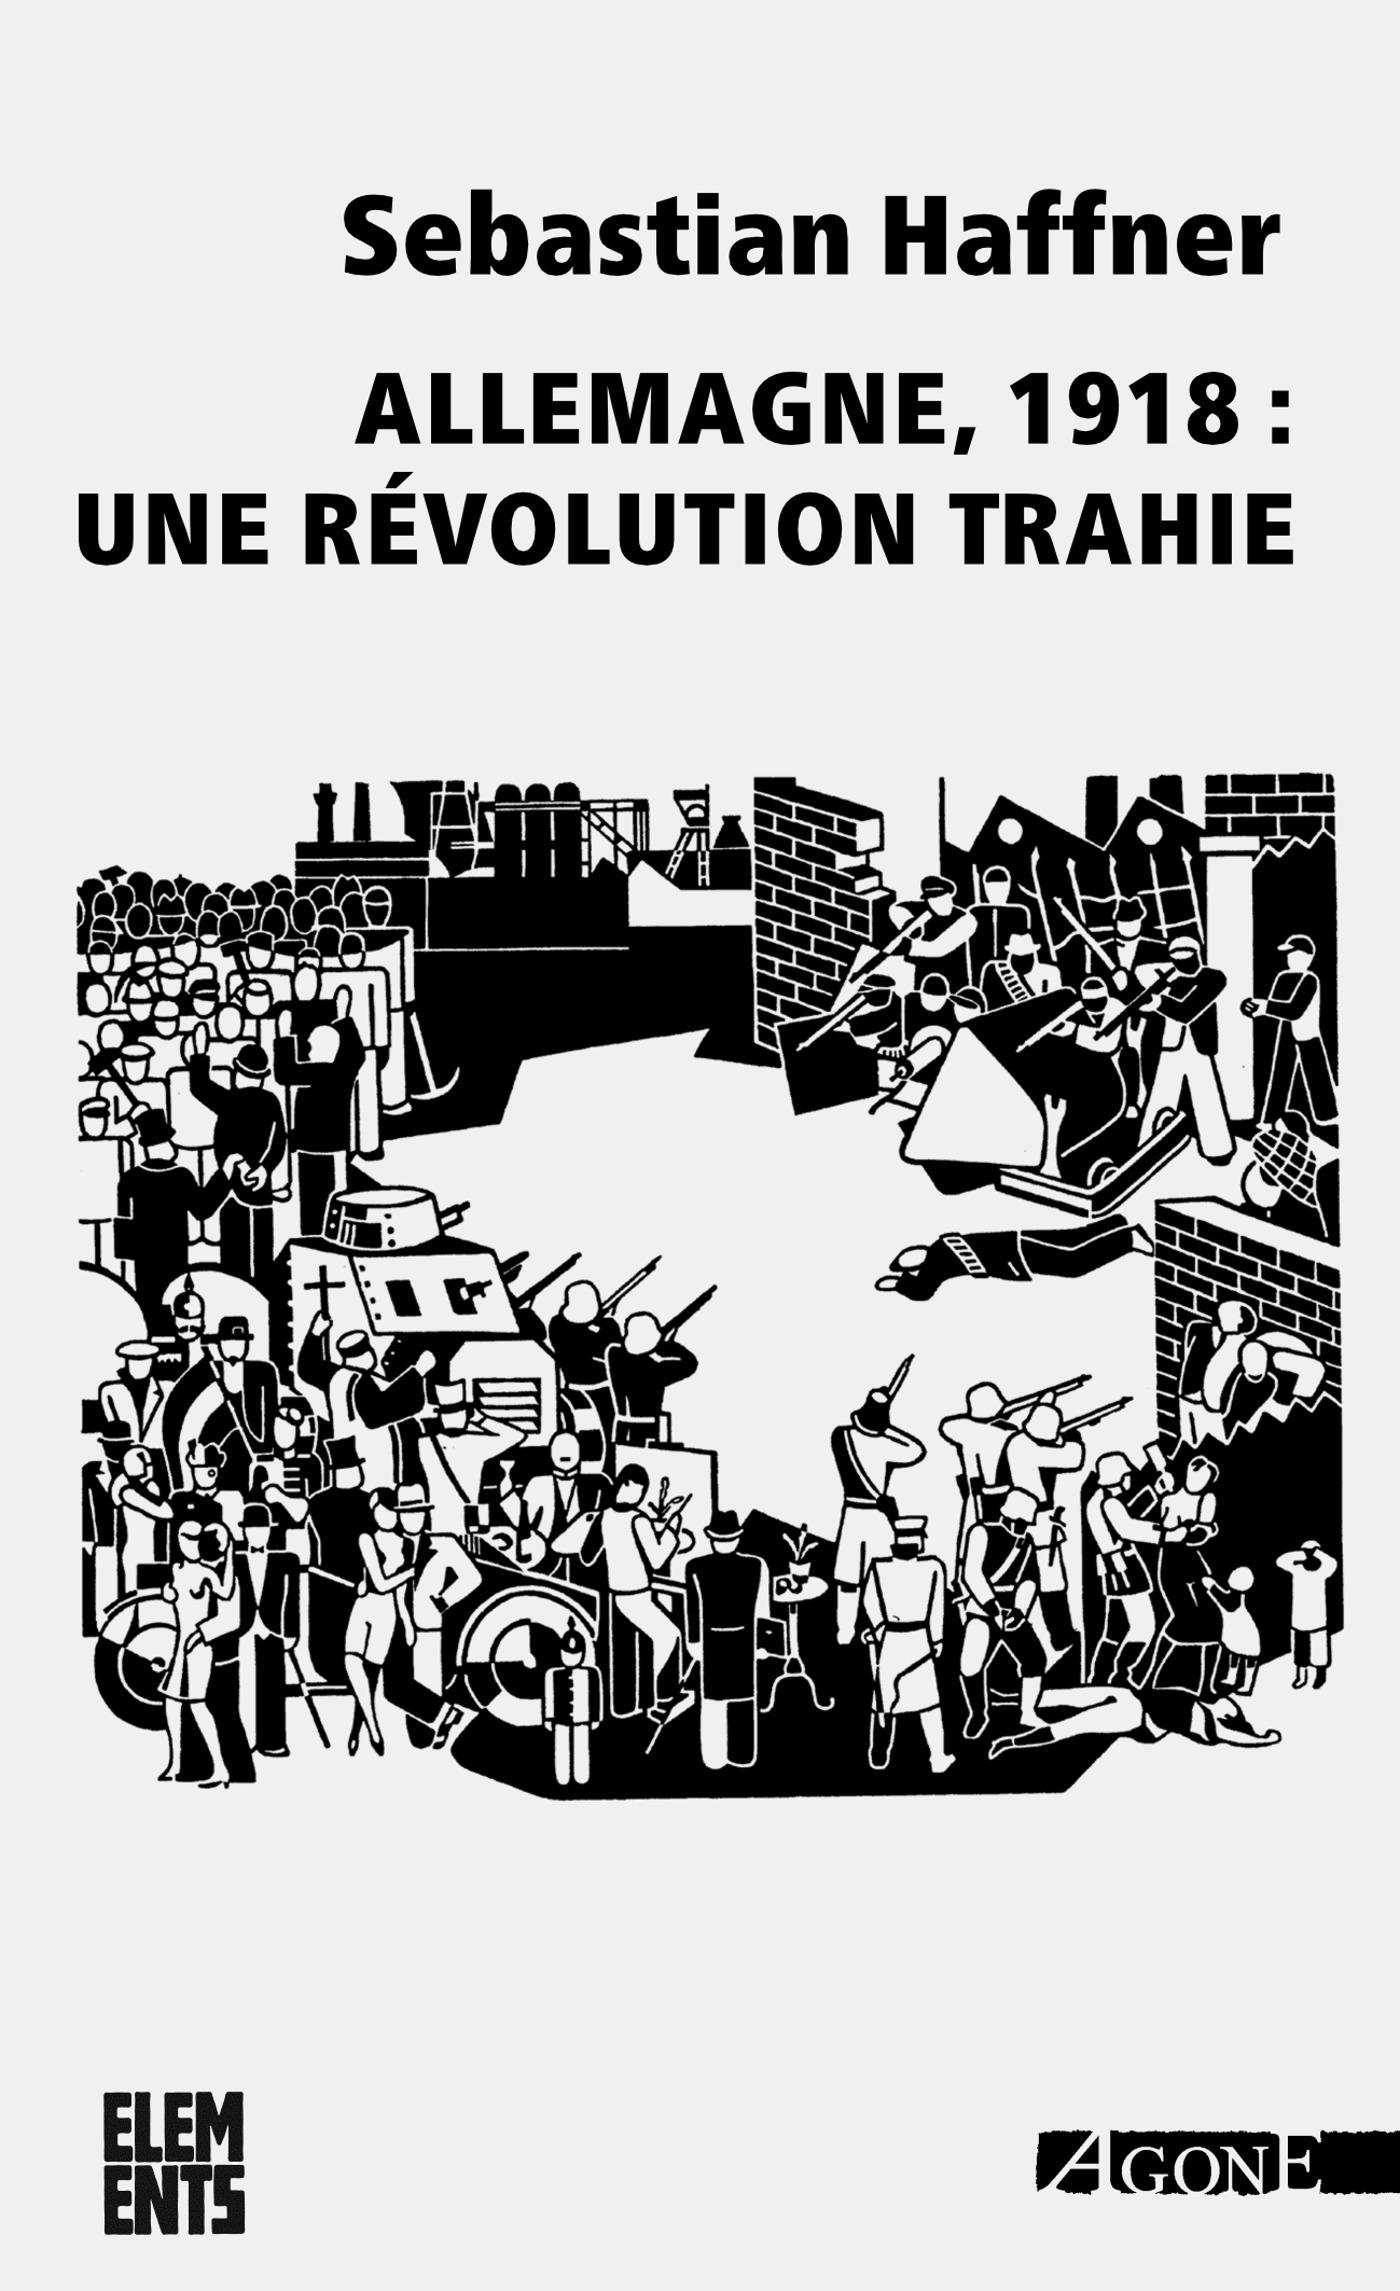 Allemagne, 1918: une révolution trahie